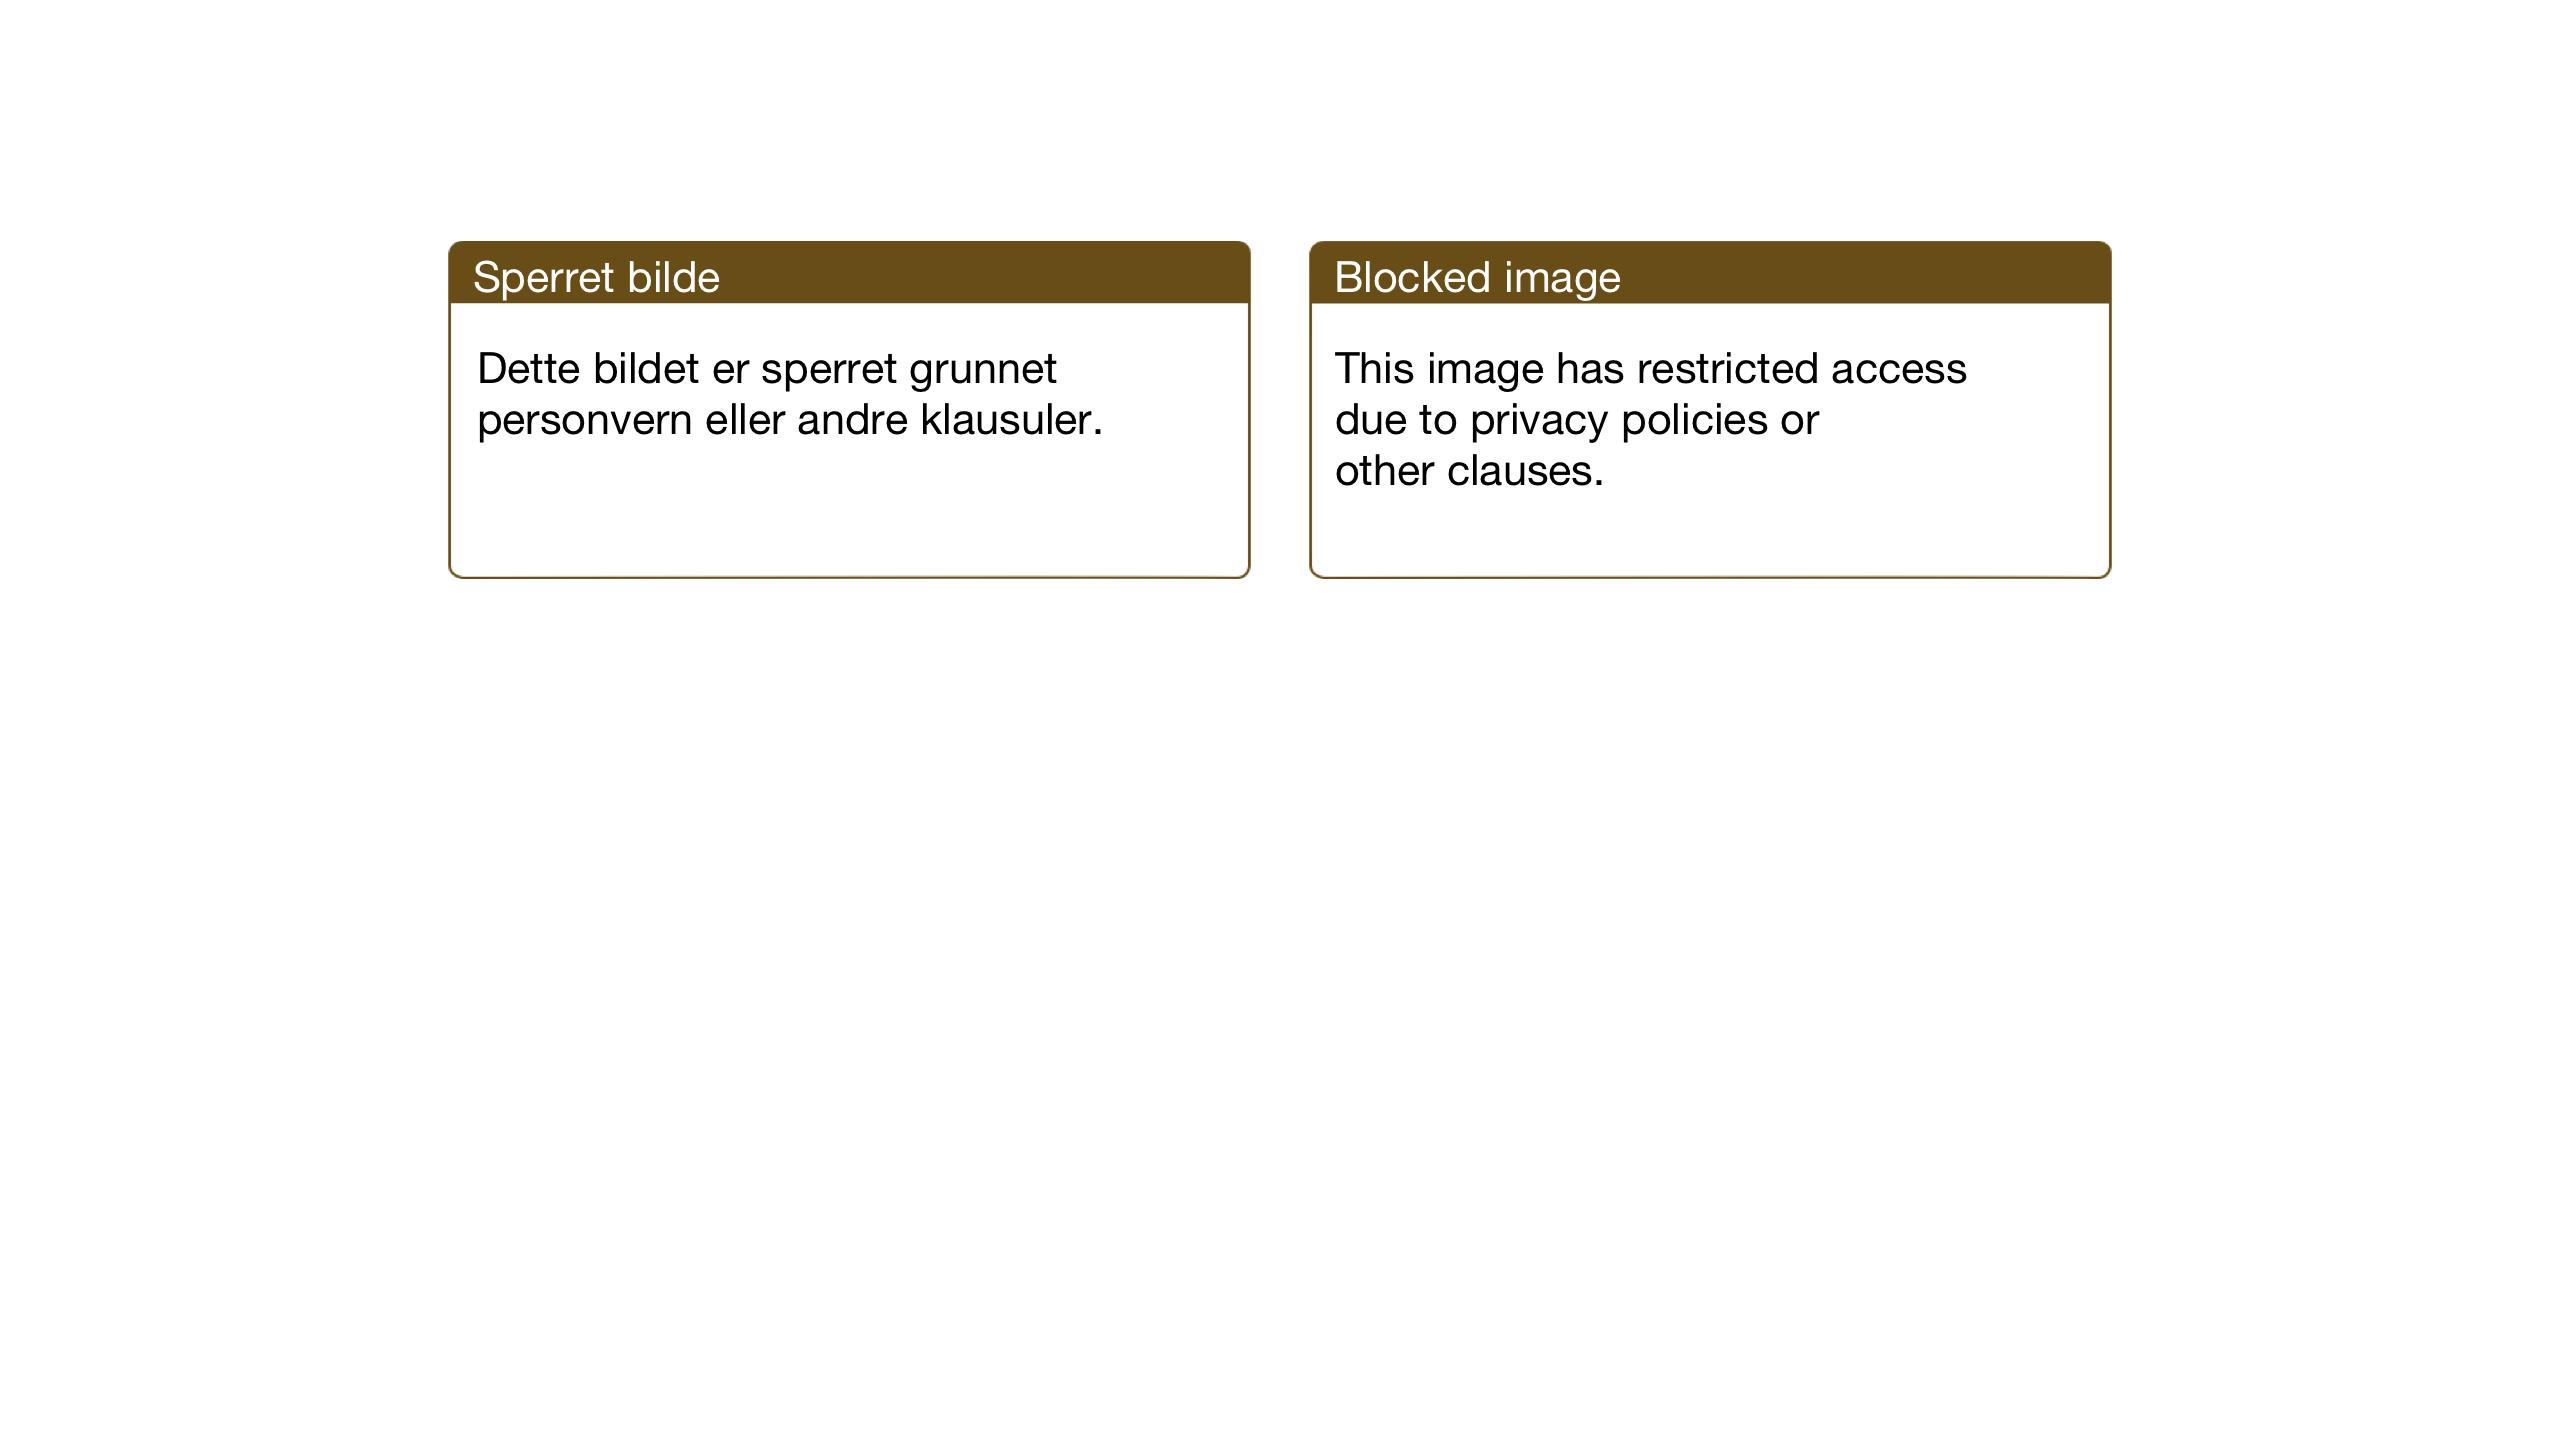 SAT, Ministerialprotokoller, klokkerbøker og fødselsregistre - Sør-Trøndelag, 686/L0986: Klokkerbok nr. 686C02, 1933-1950, s. 47